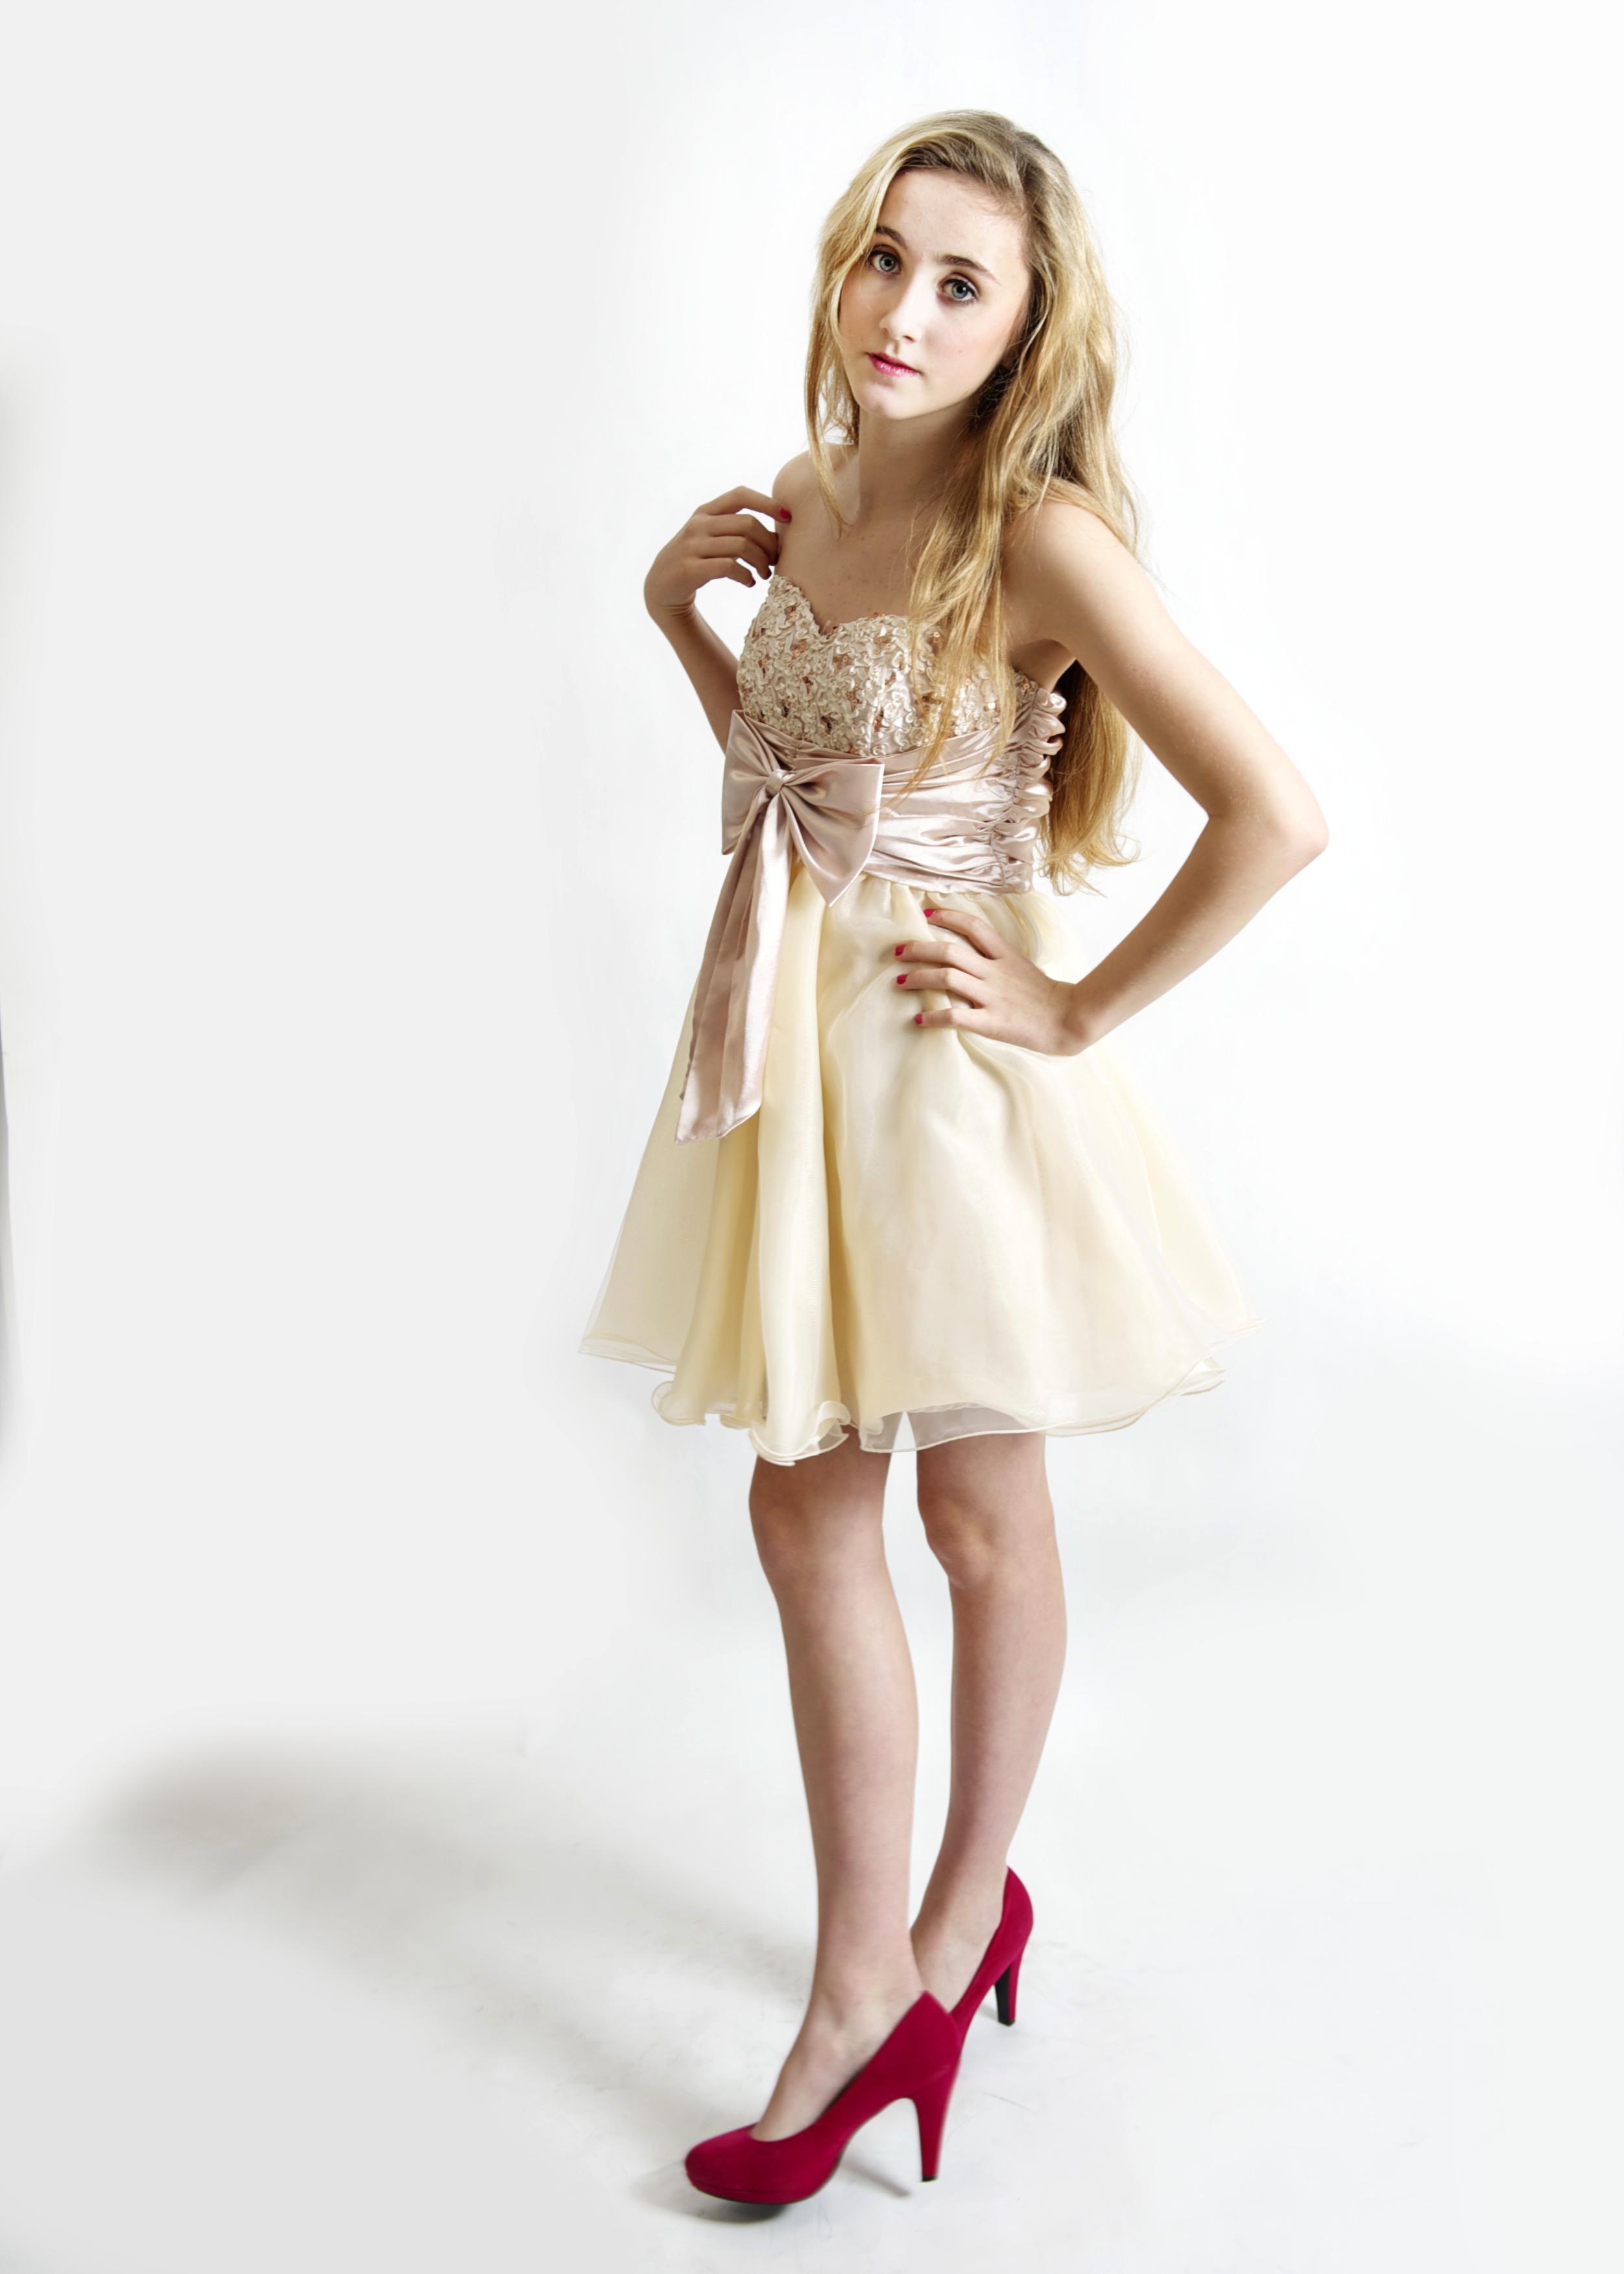 Teenie Model Images